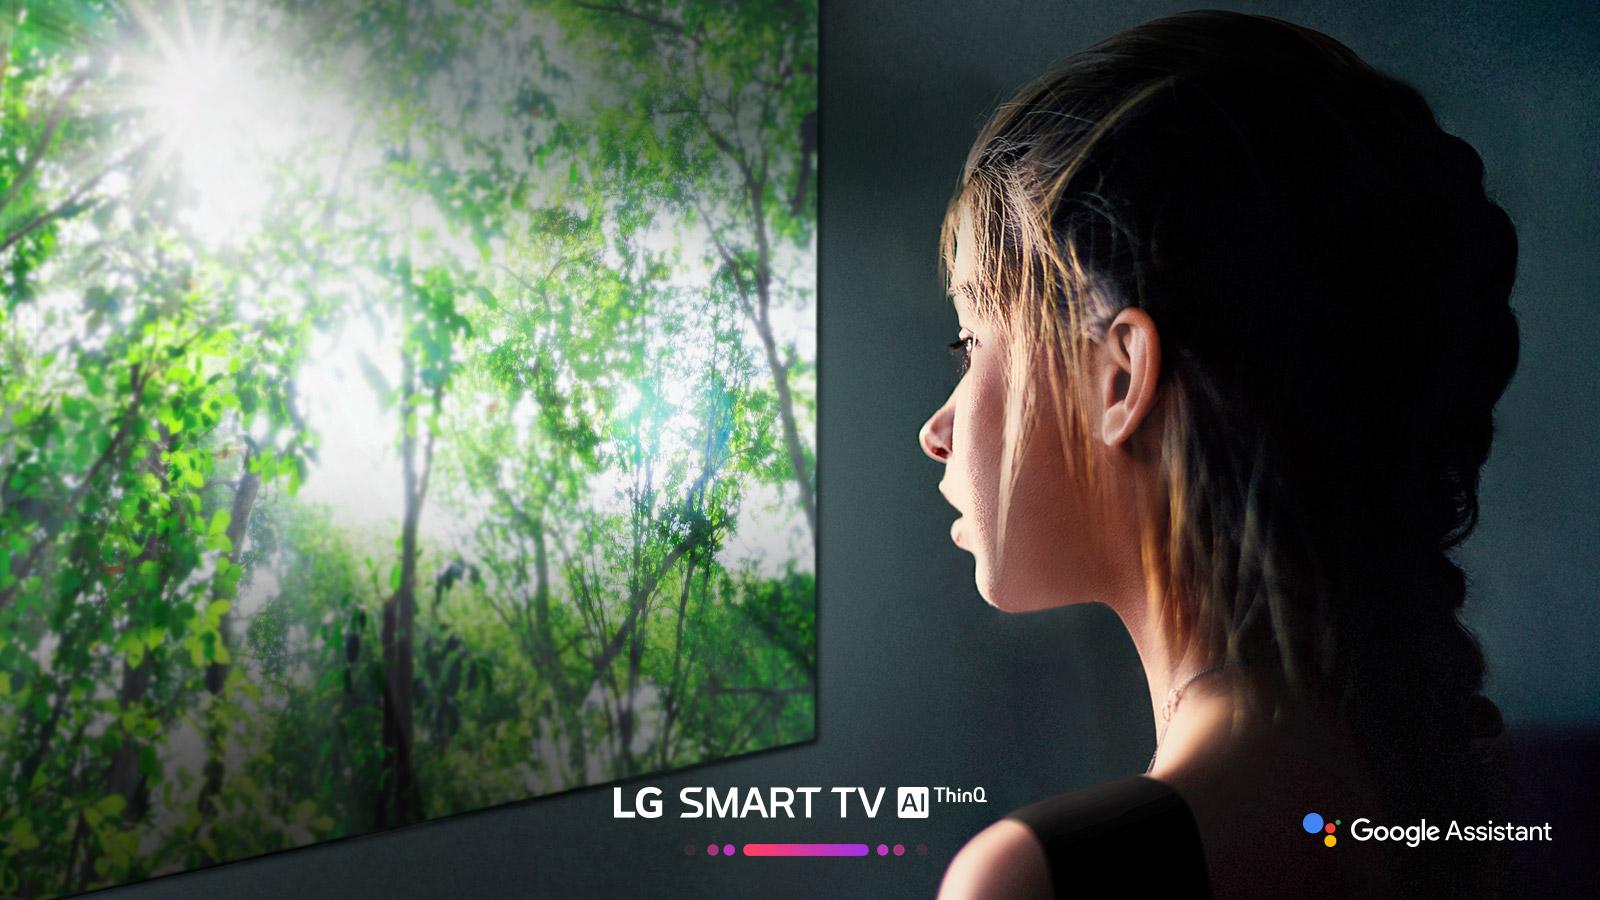 LG UHD TV 65 inch 65UK6320 Model